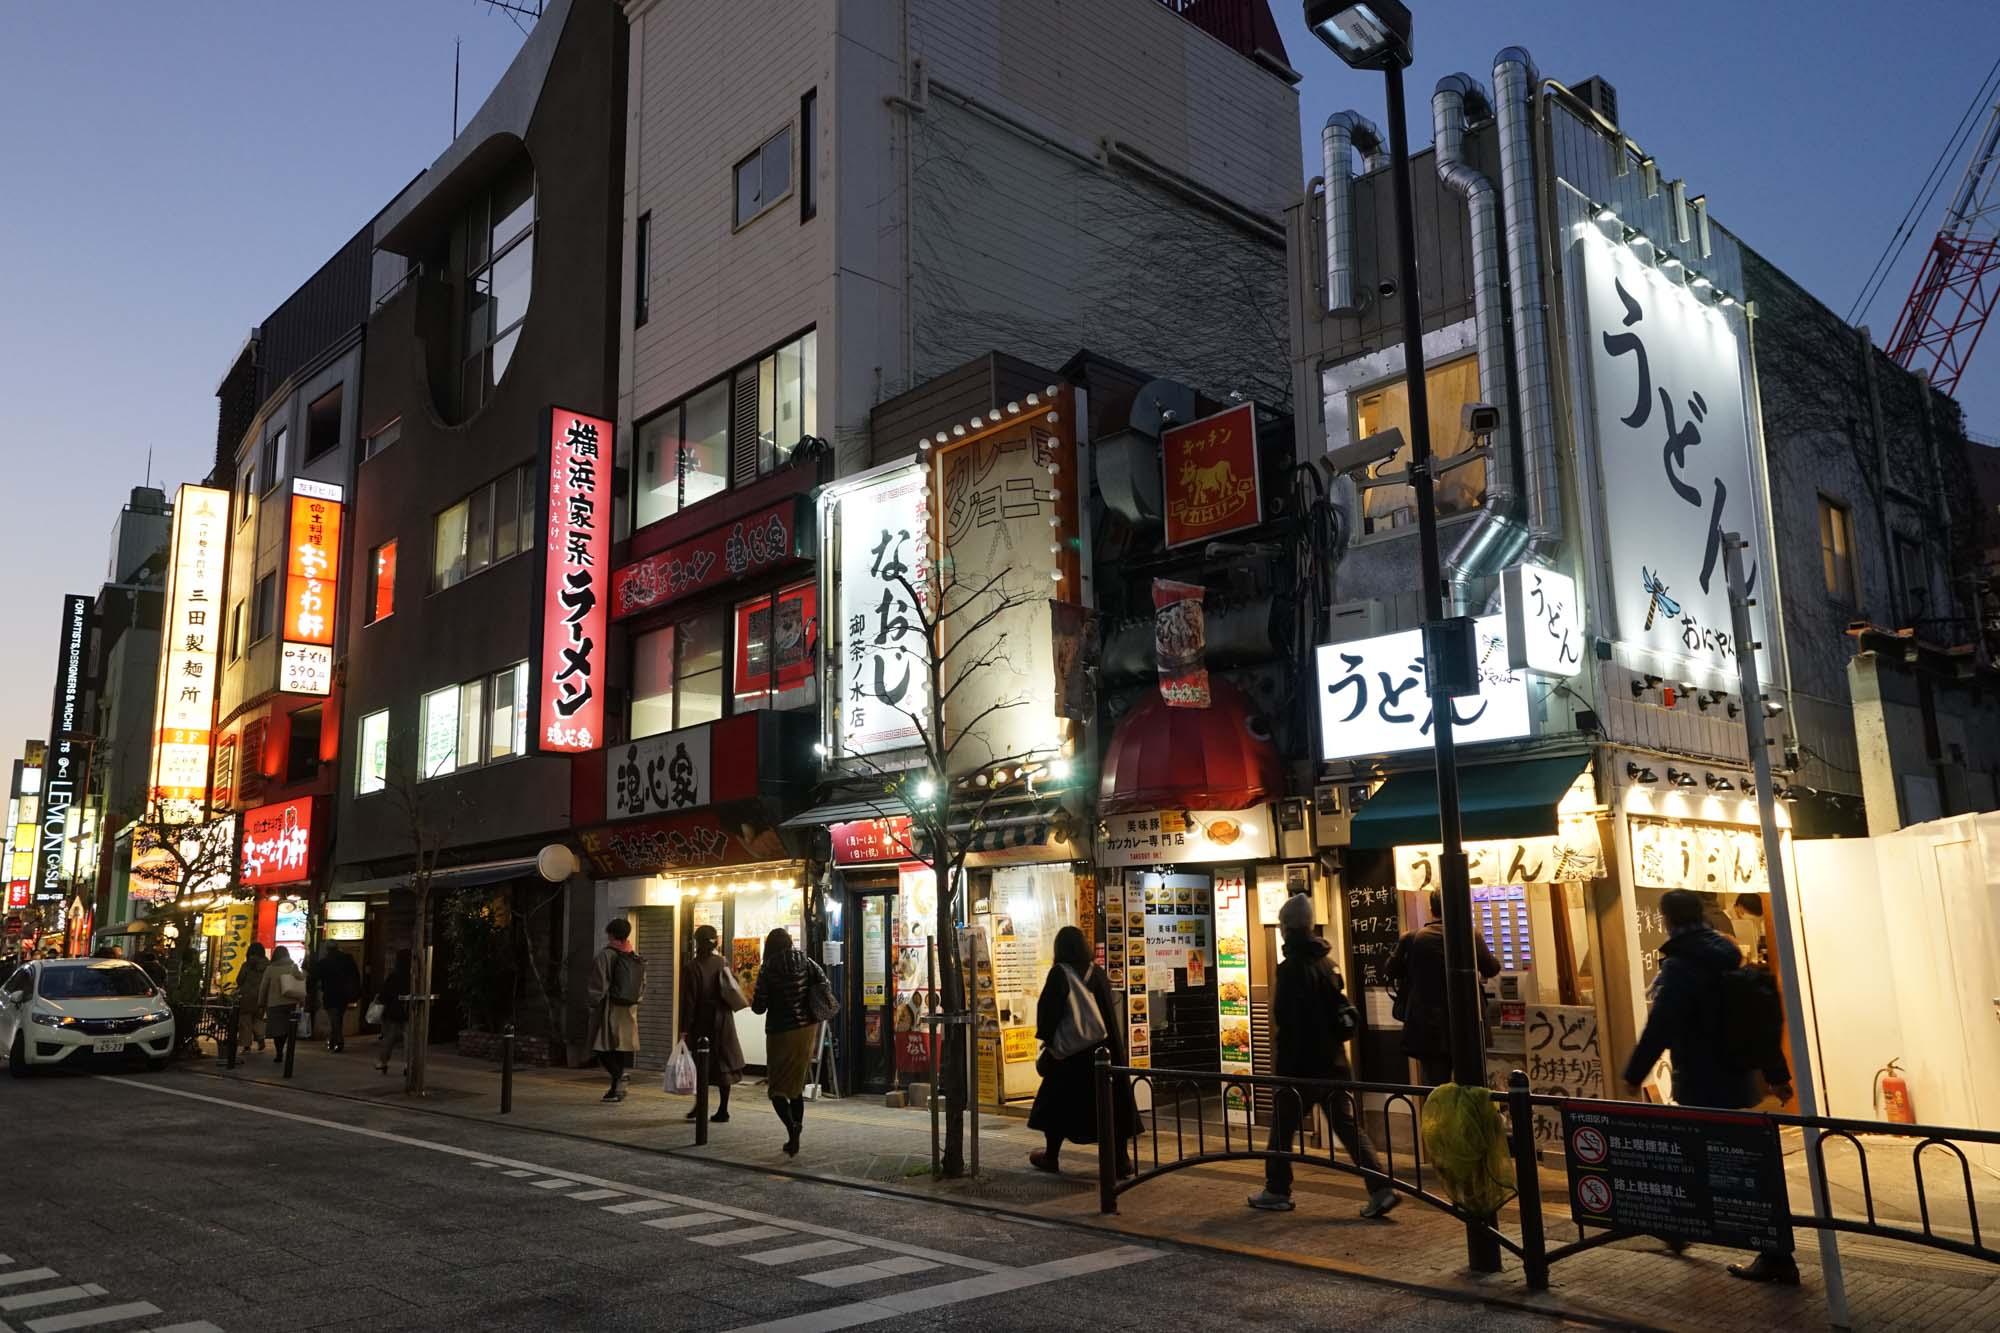 御茶ノ水の駅前まで来ると、本屋さんやチェーンのお店も多く、賑やかな印象になります。